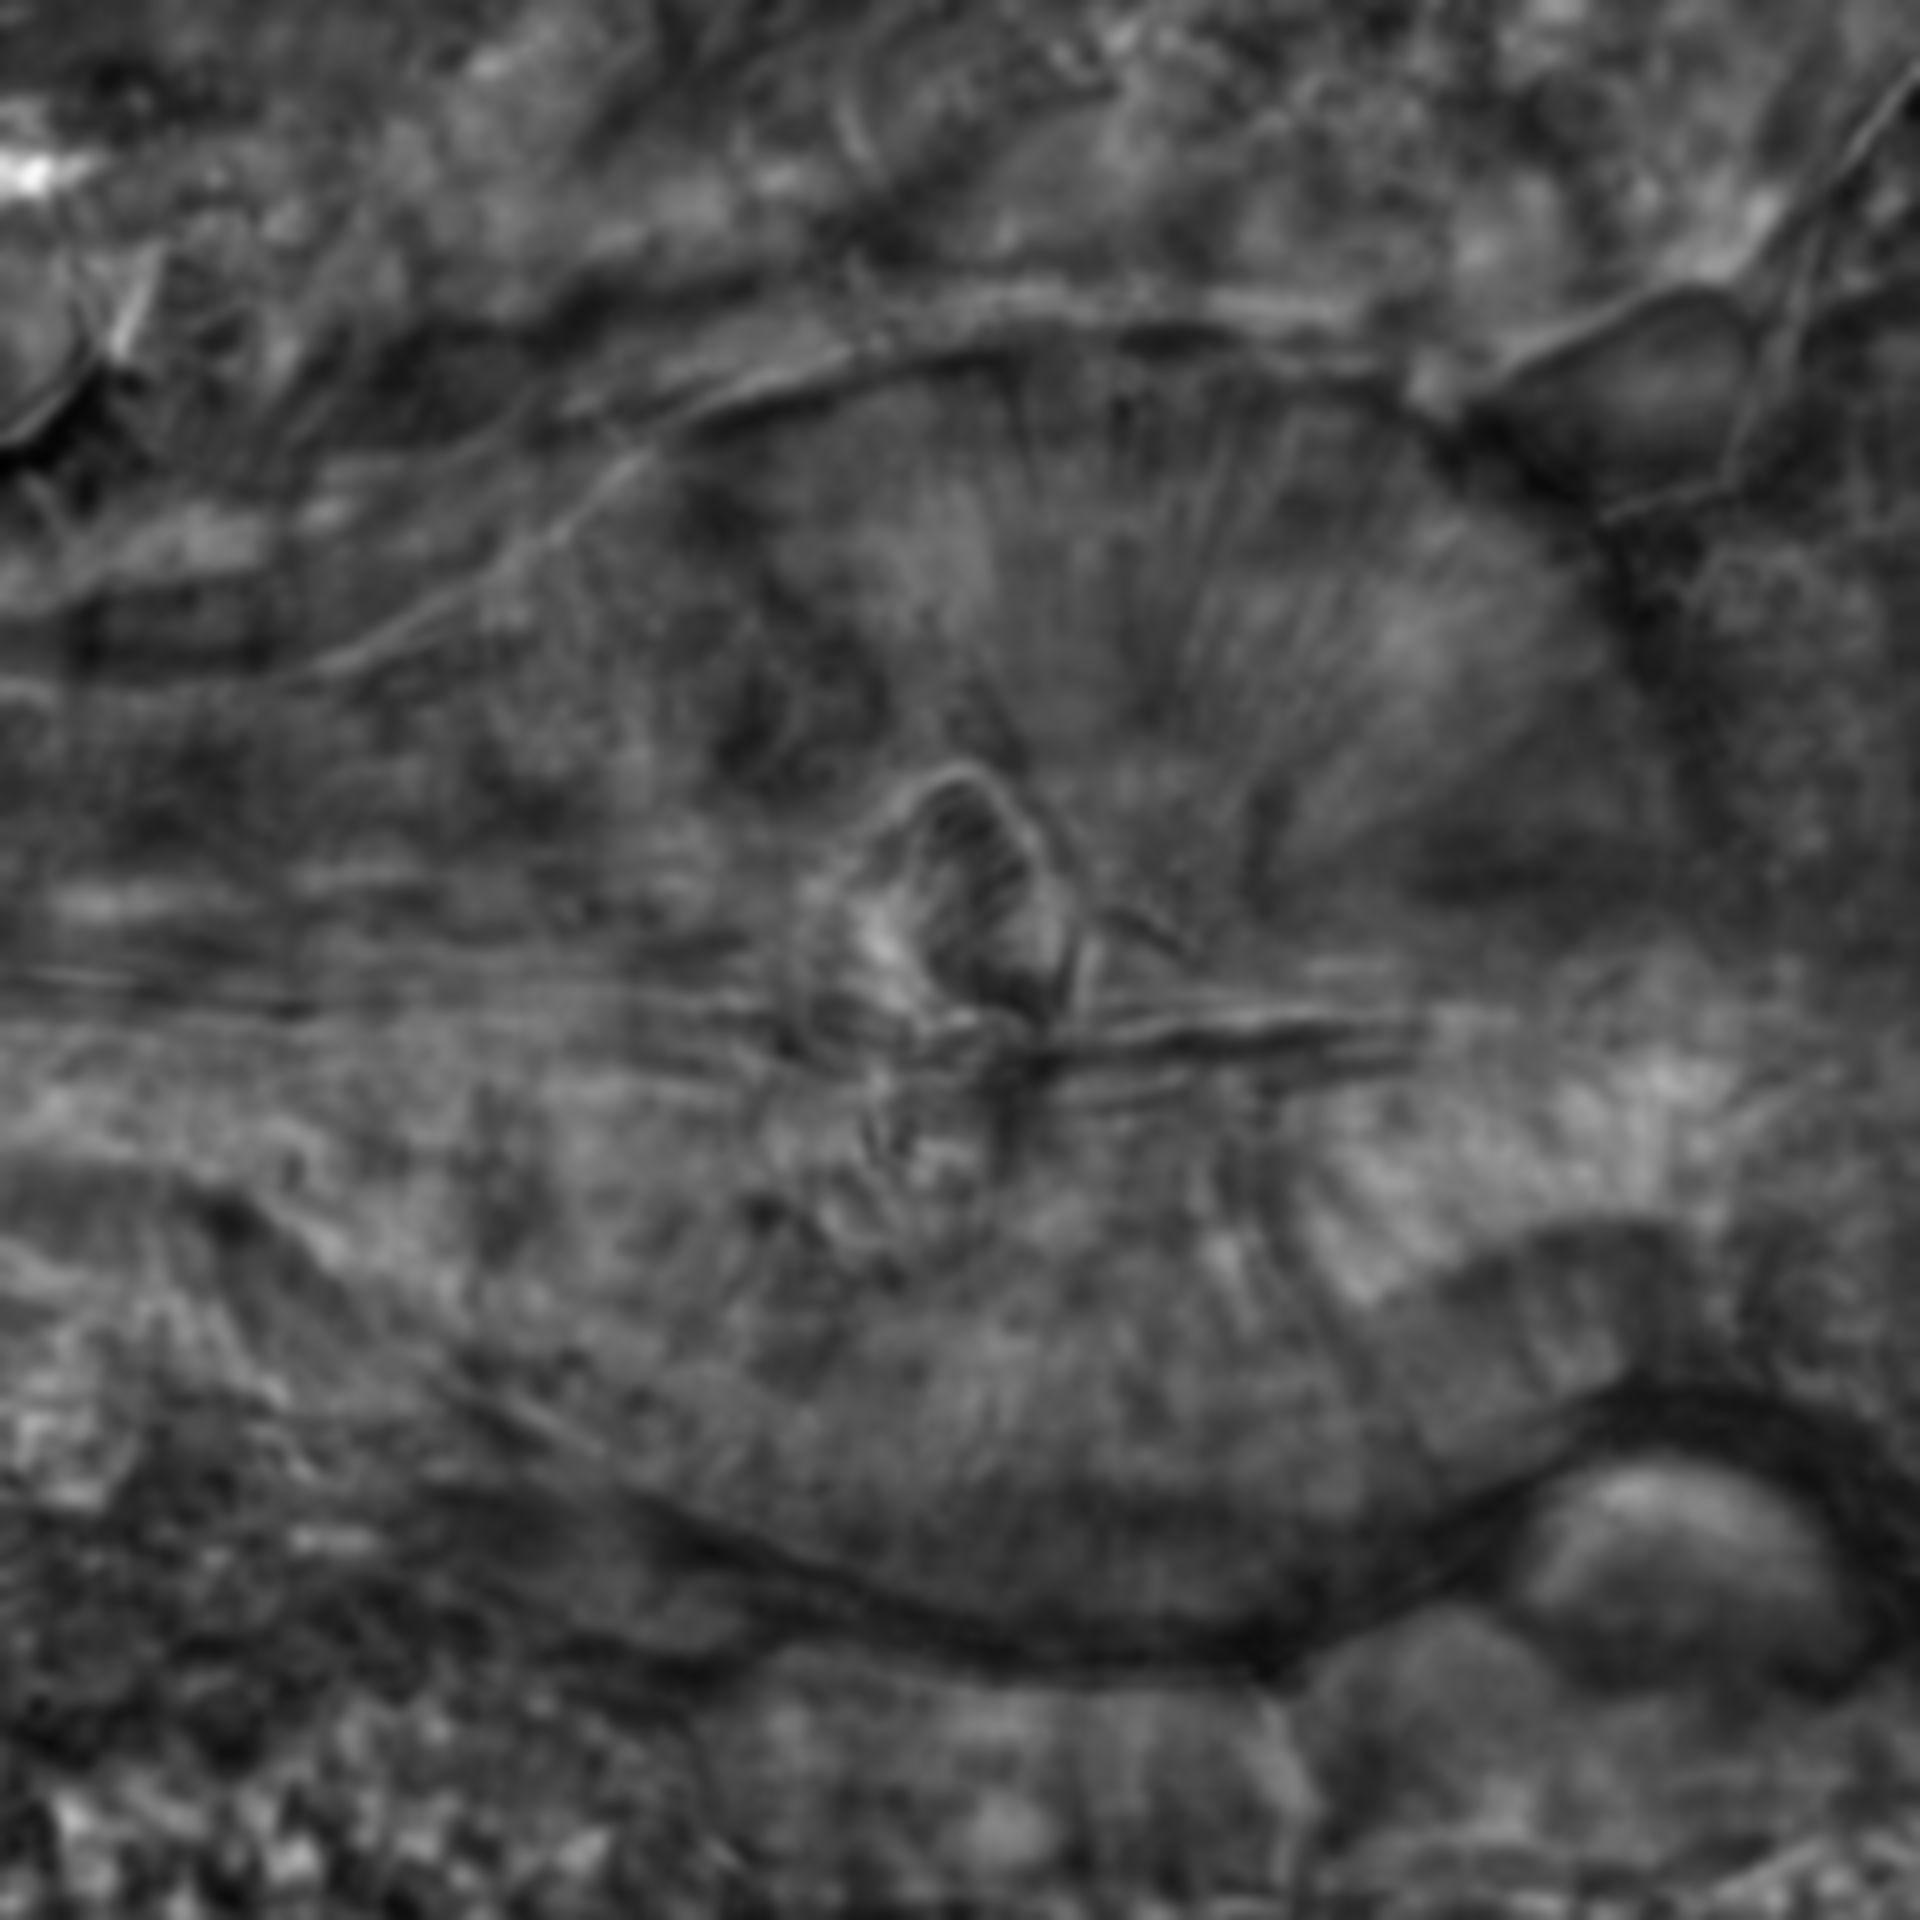 Caenorhabditis elegans - CIL:2203